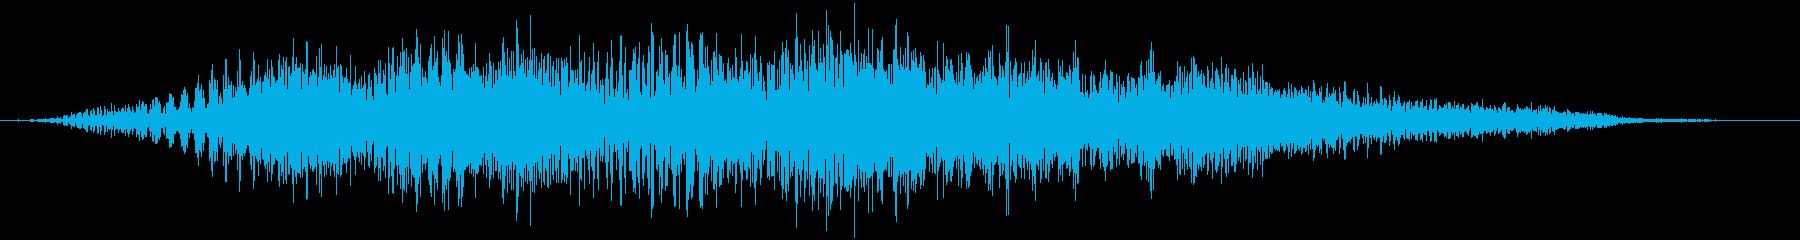 【物音】 シート テーブル 動かす 02の再生済みの波形